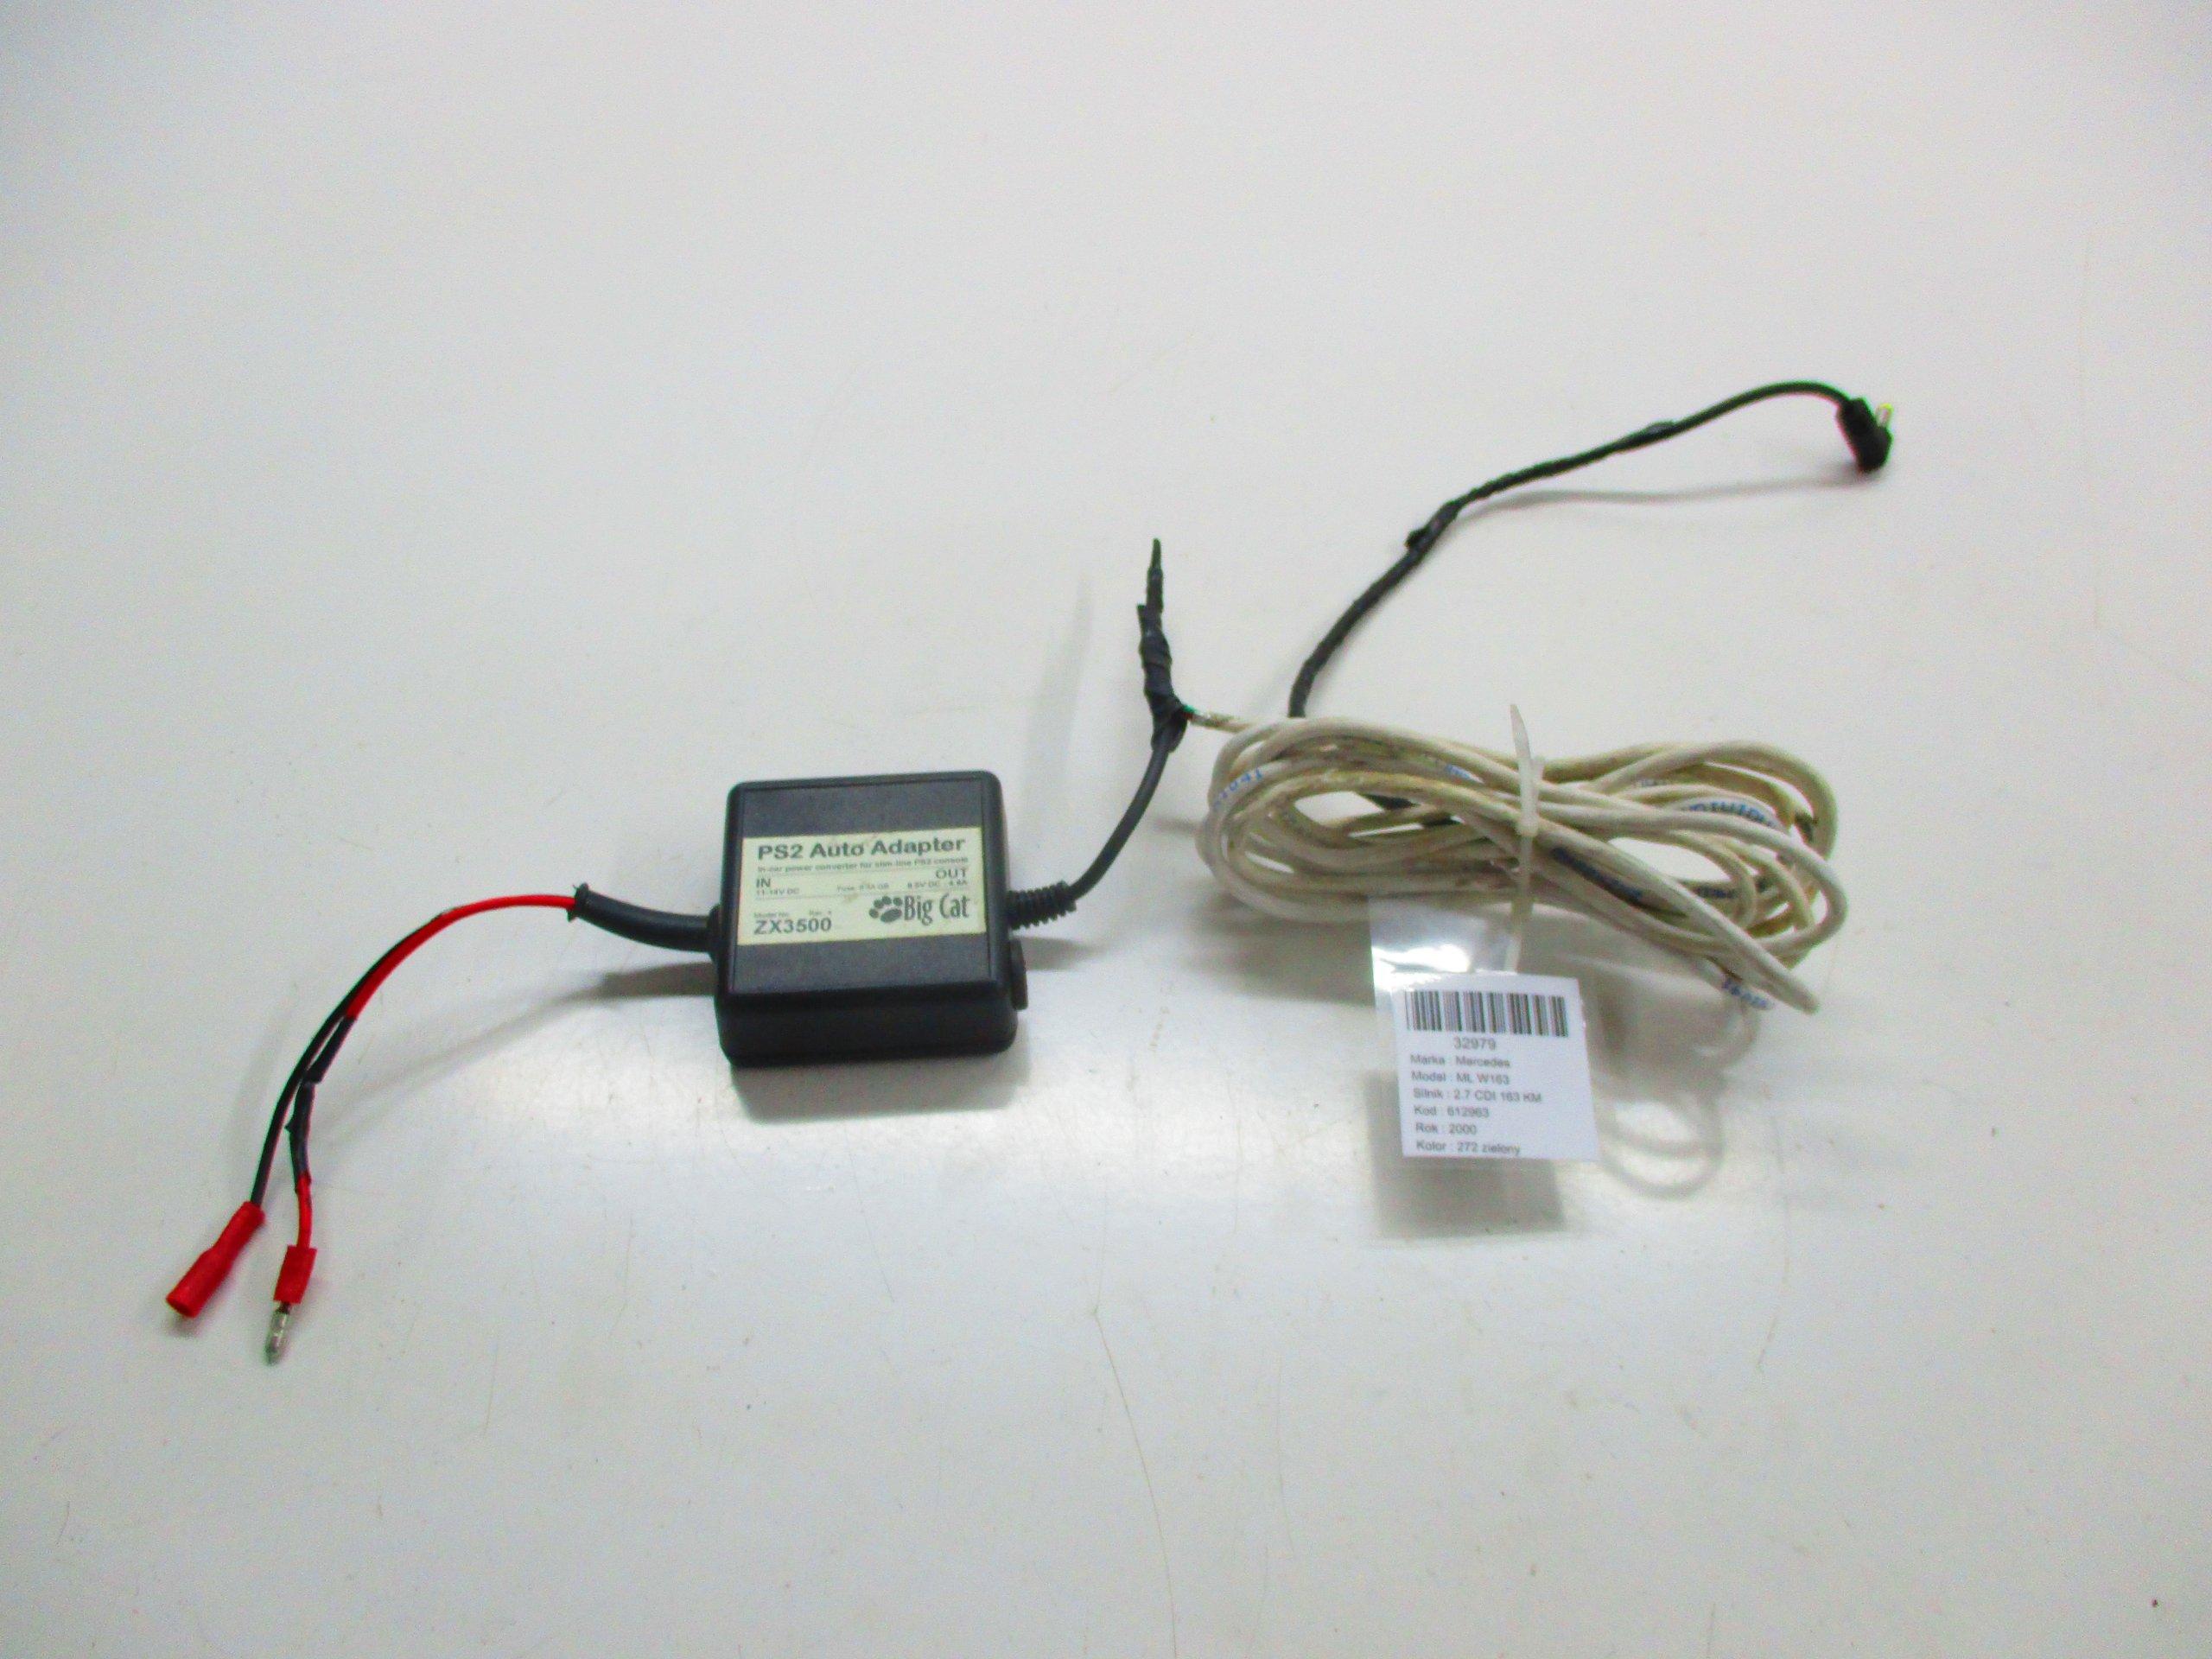 Ps2 Big Cat ZX3500 konzolový adaptér